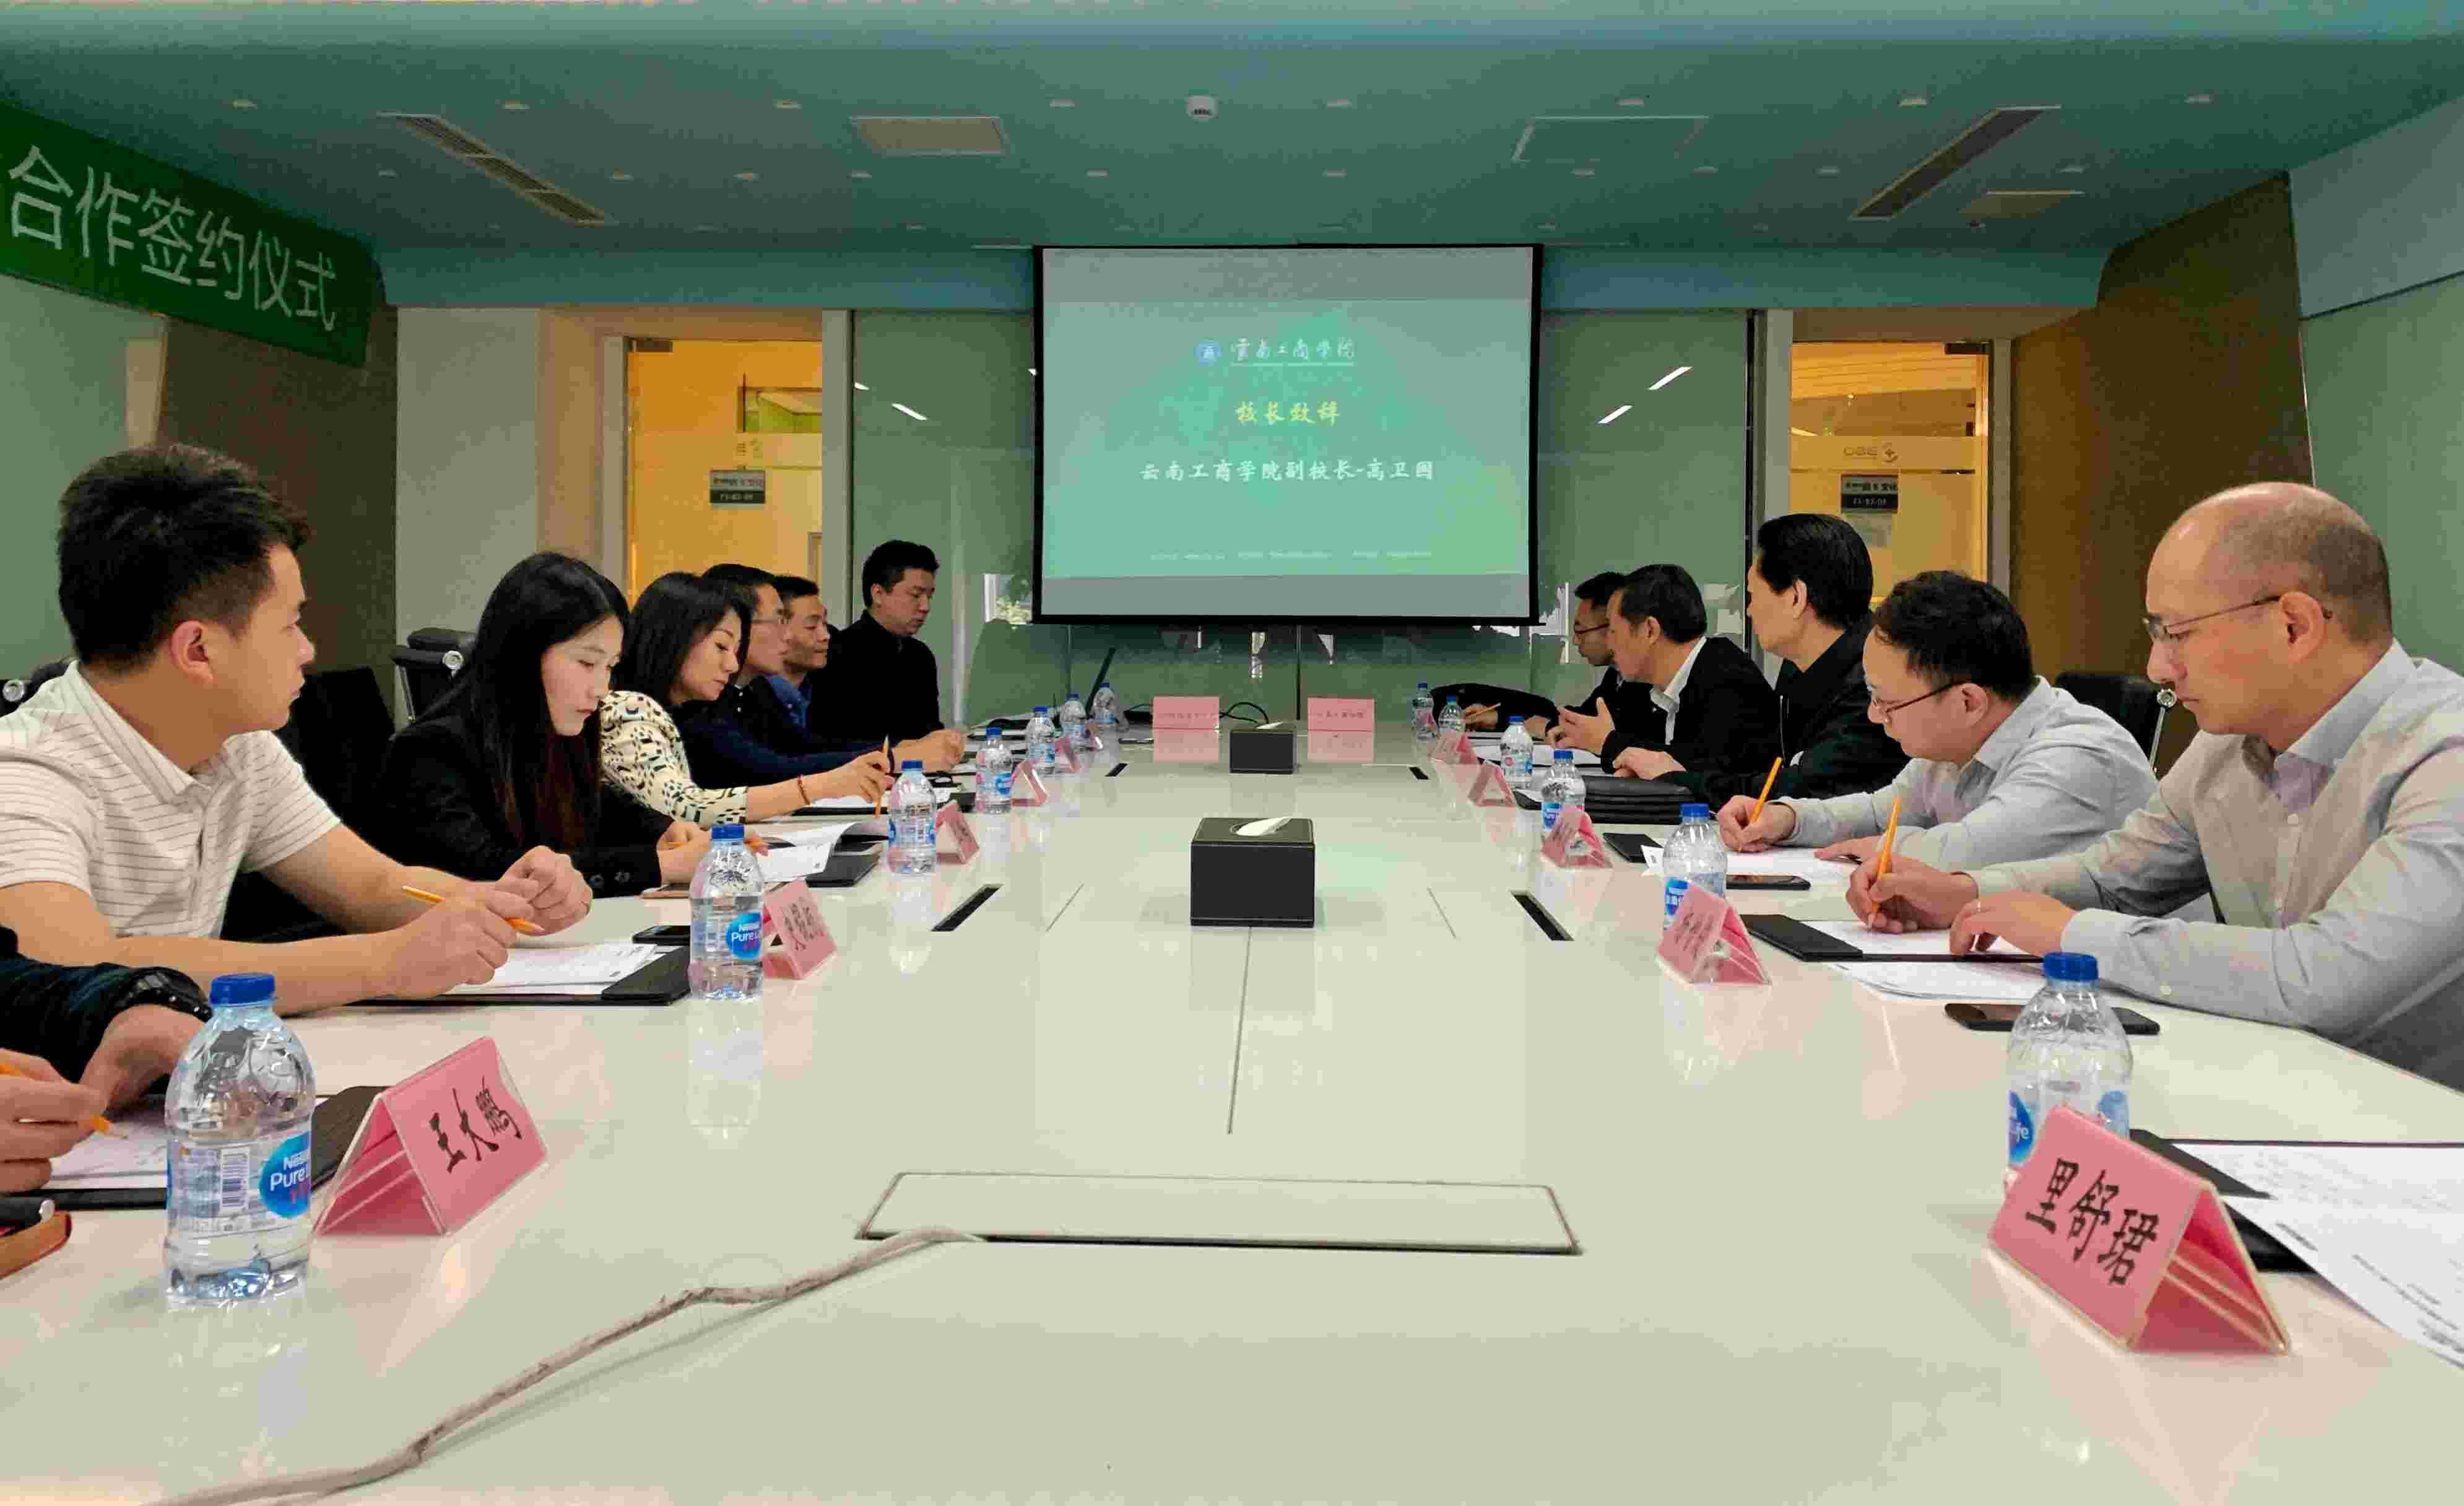 http://www.kmshsm.com/caijingfenxi/68851.html